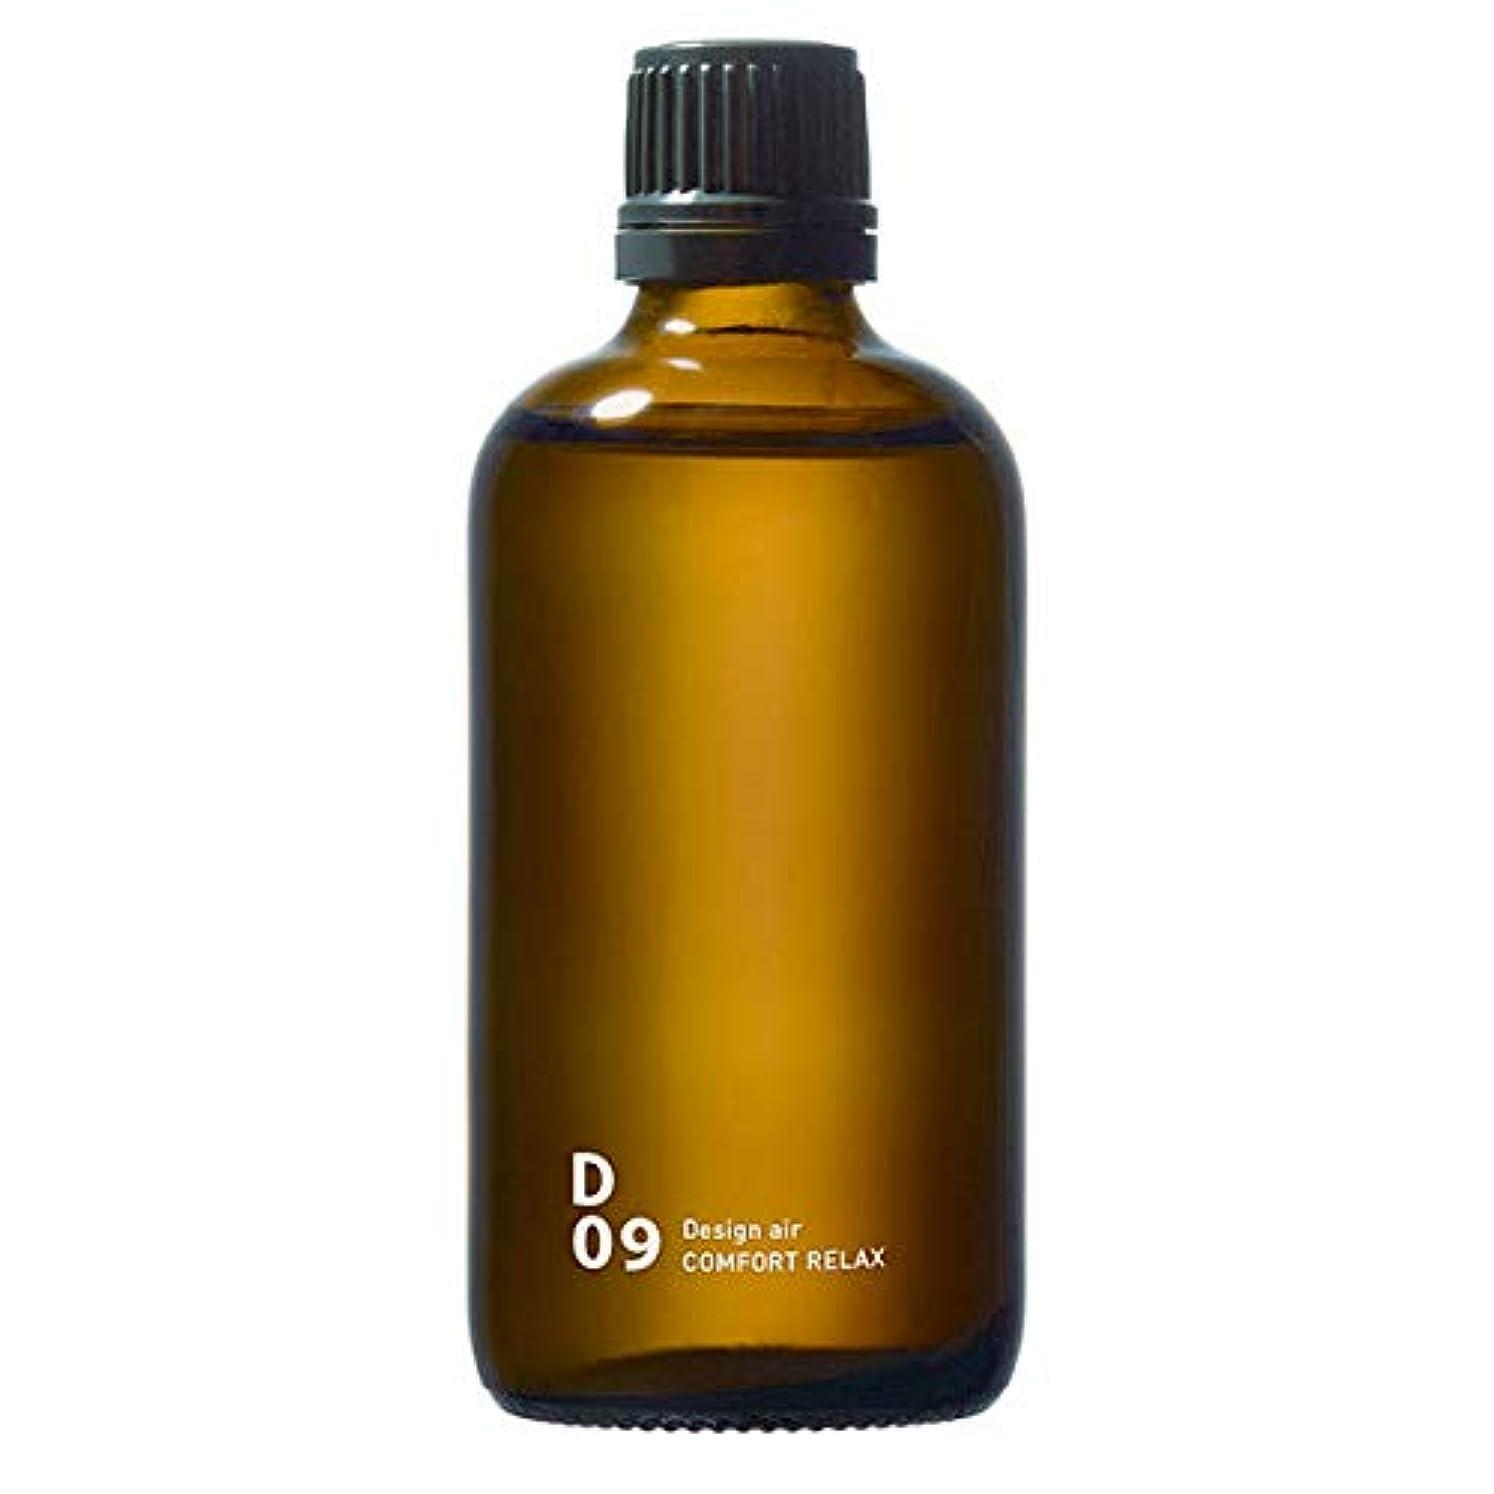 朝の体操をする時期尚早ドロップD09 COMFORT RELAX piezo aroma oil 100ml